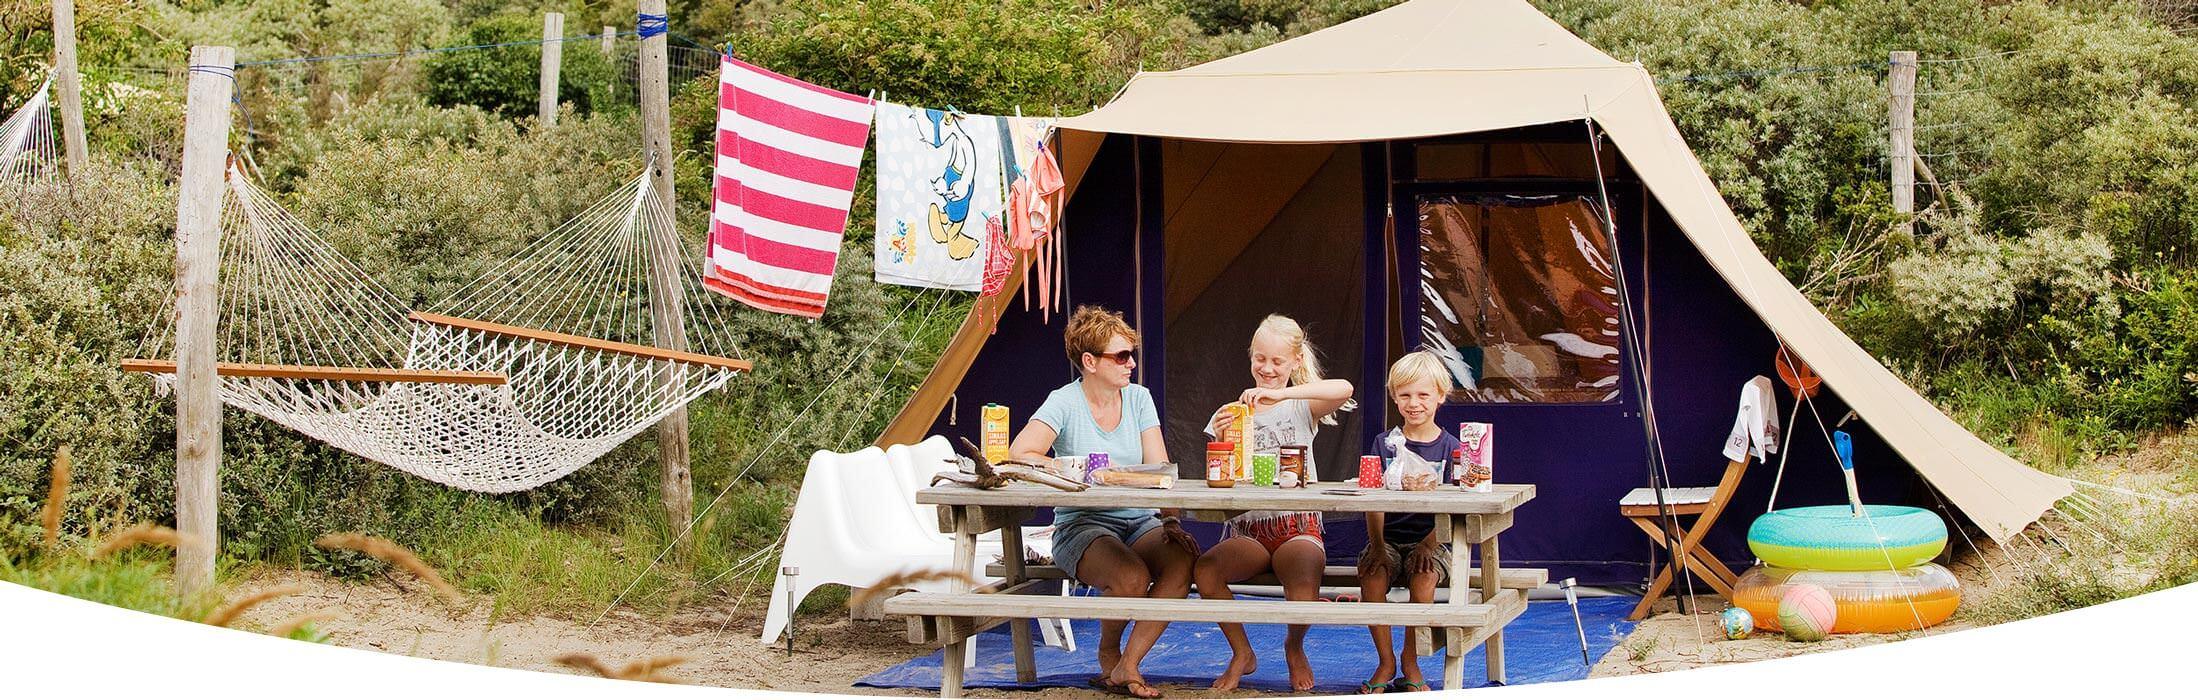 Hamac pour campings et hôtels